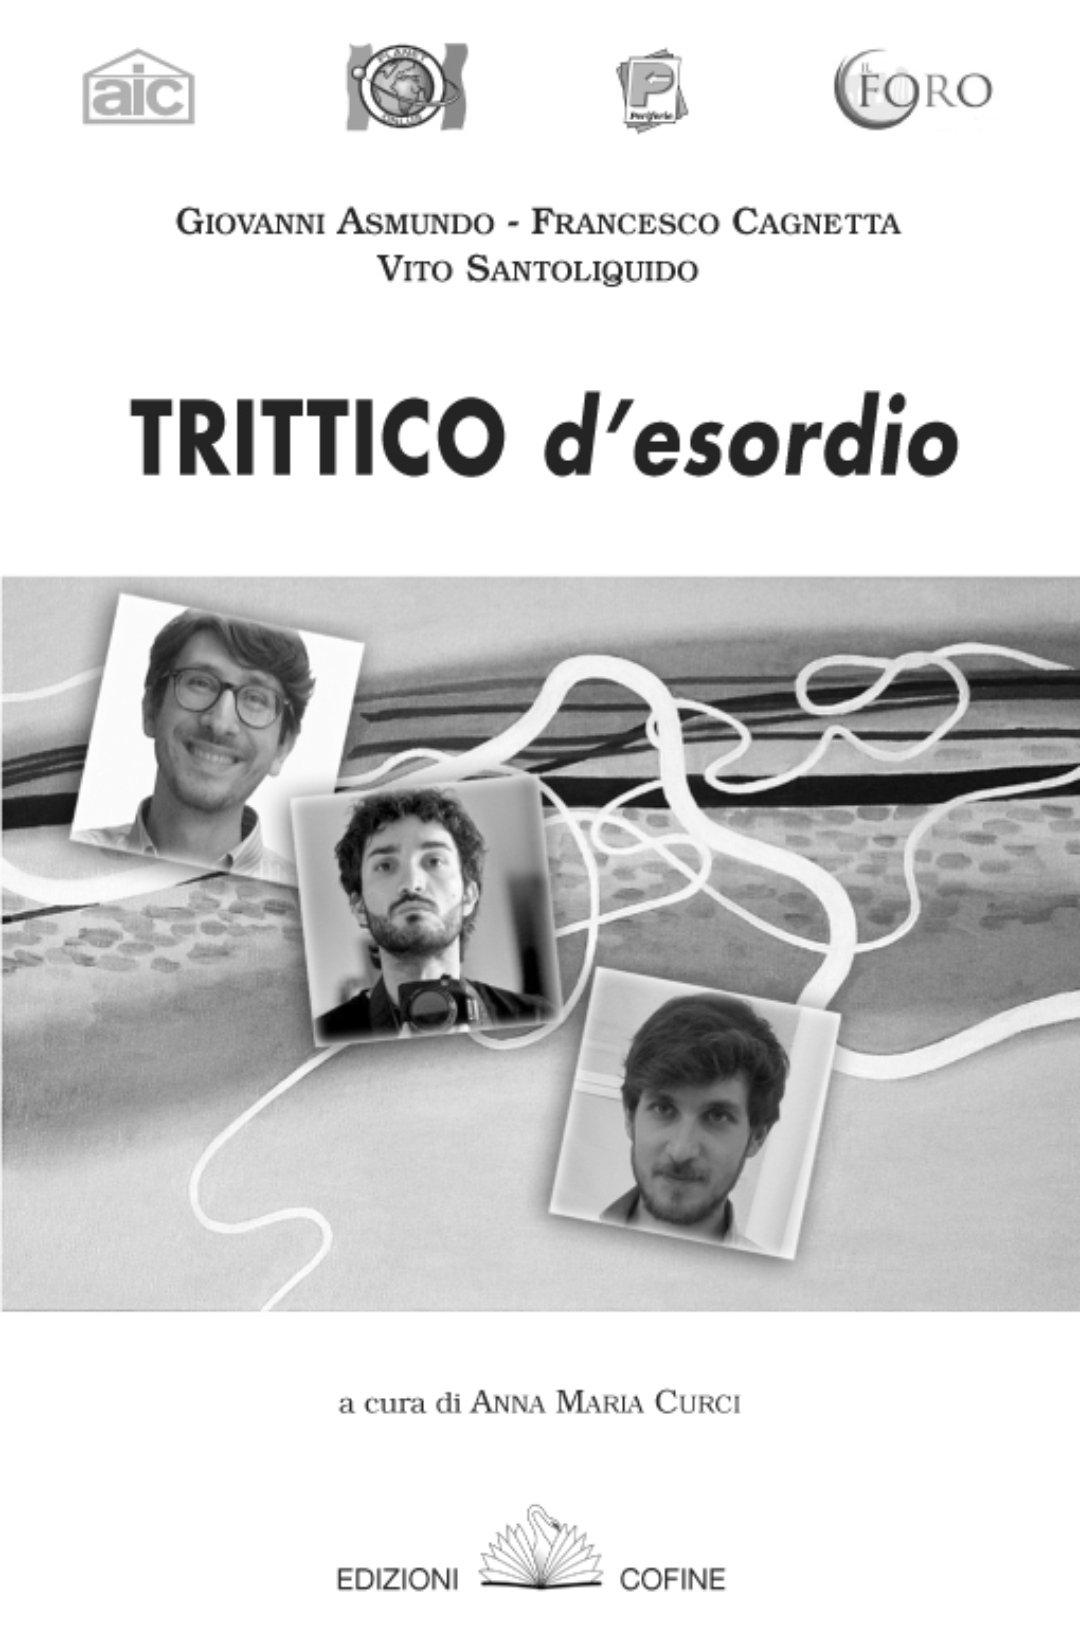 Trittico-d'esordio-Asmundo-Cagnetta-Santoliquido